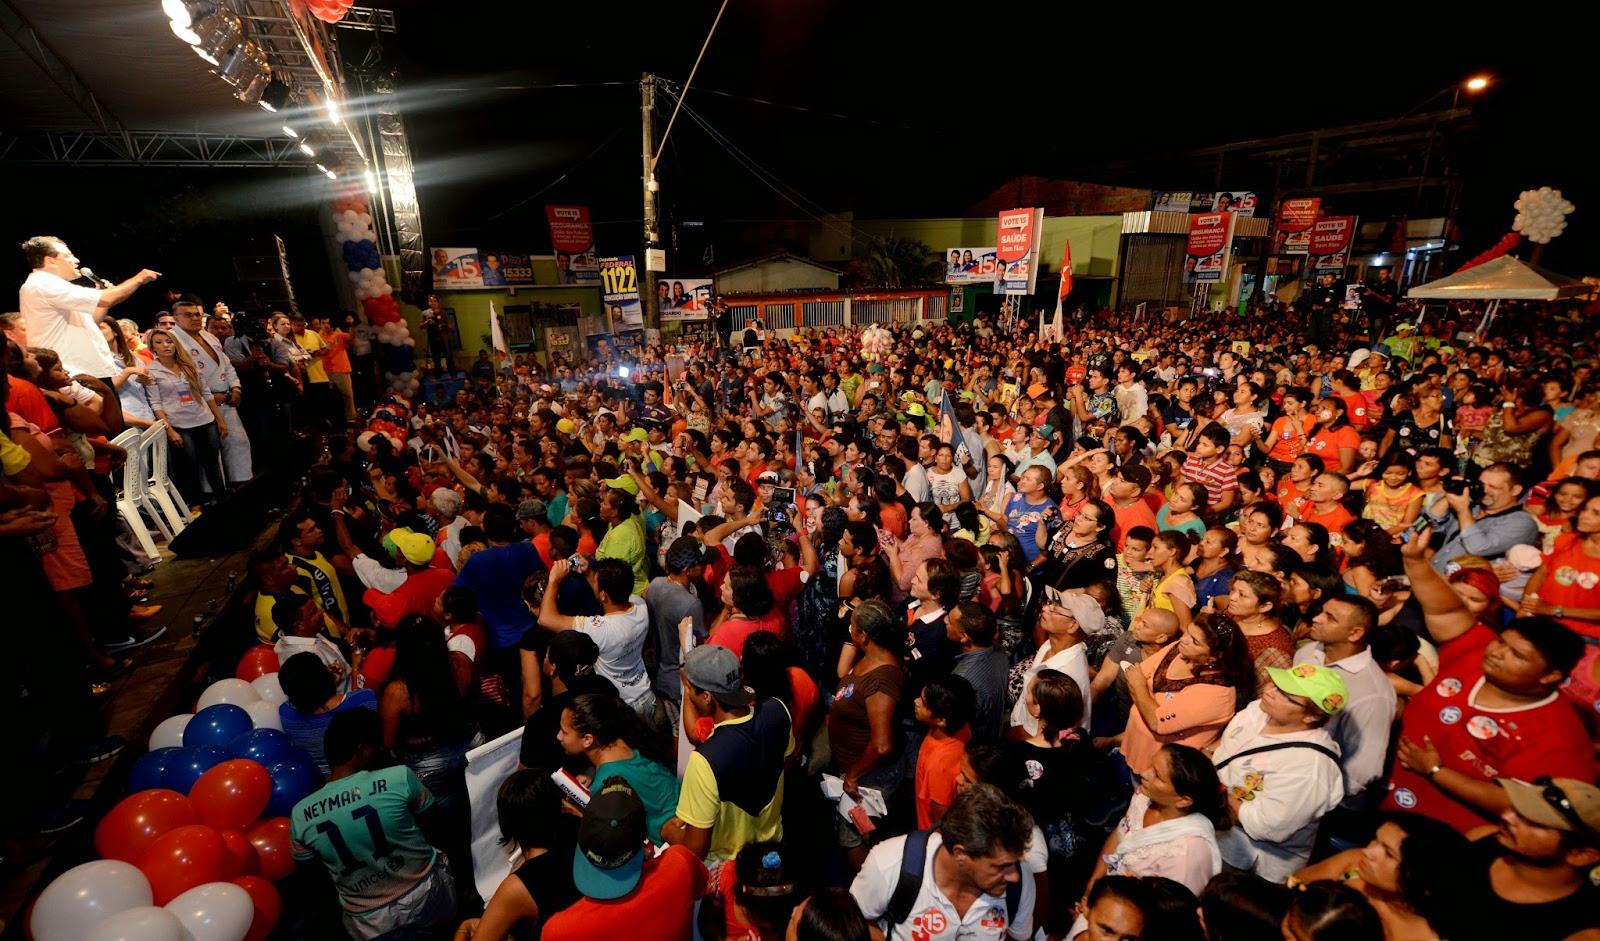 Eduardo Braga reúne 20 mil pessoas no Comício da Vitória no Jorge Teixeira